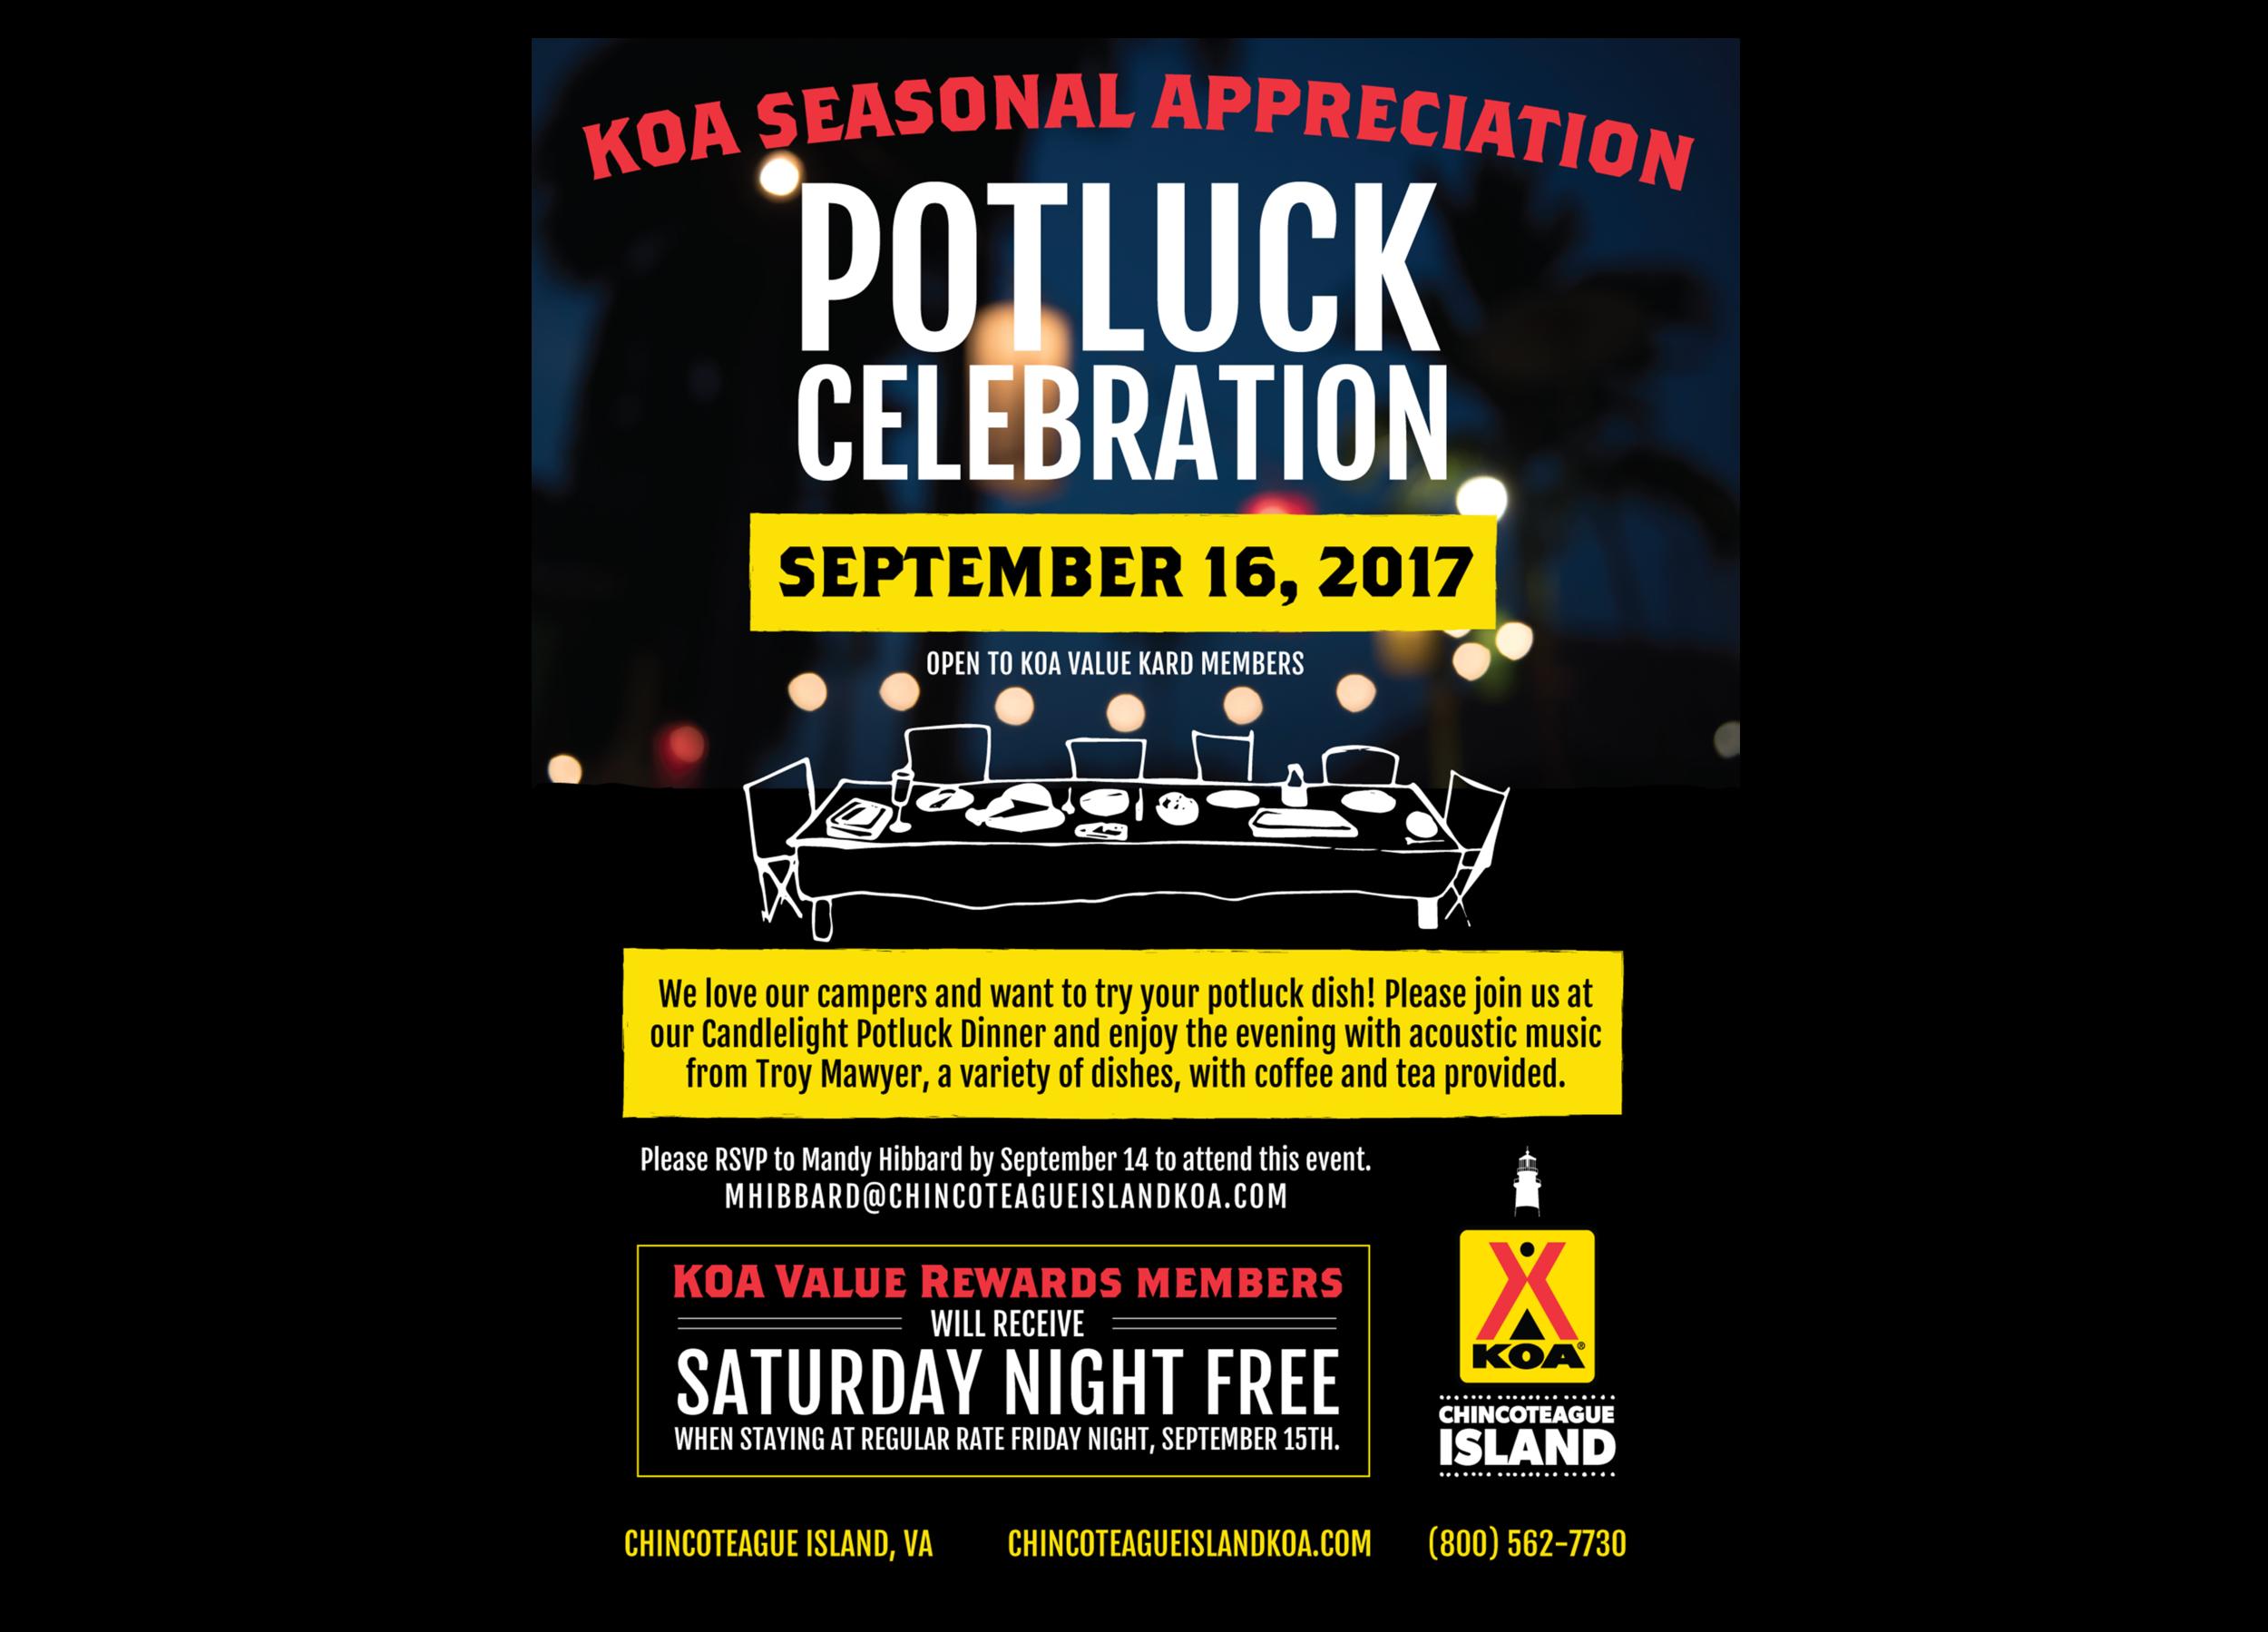 CI-KOA_Potluck-Celebration-Flyer.jpg